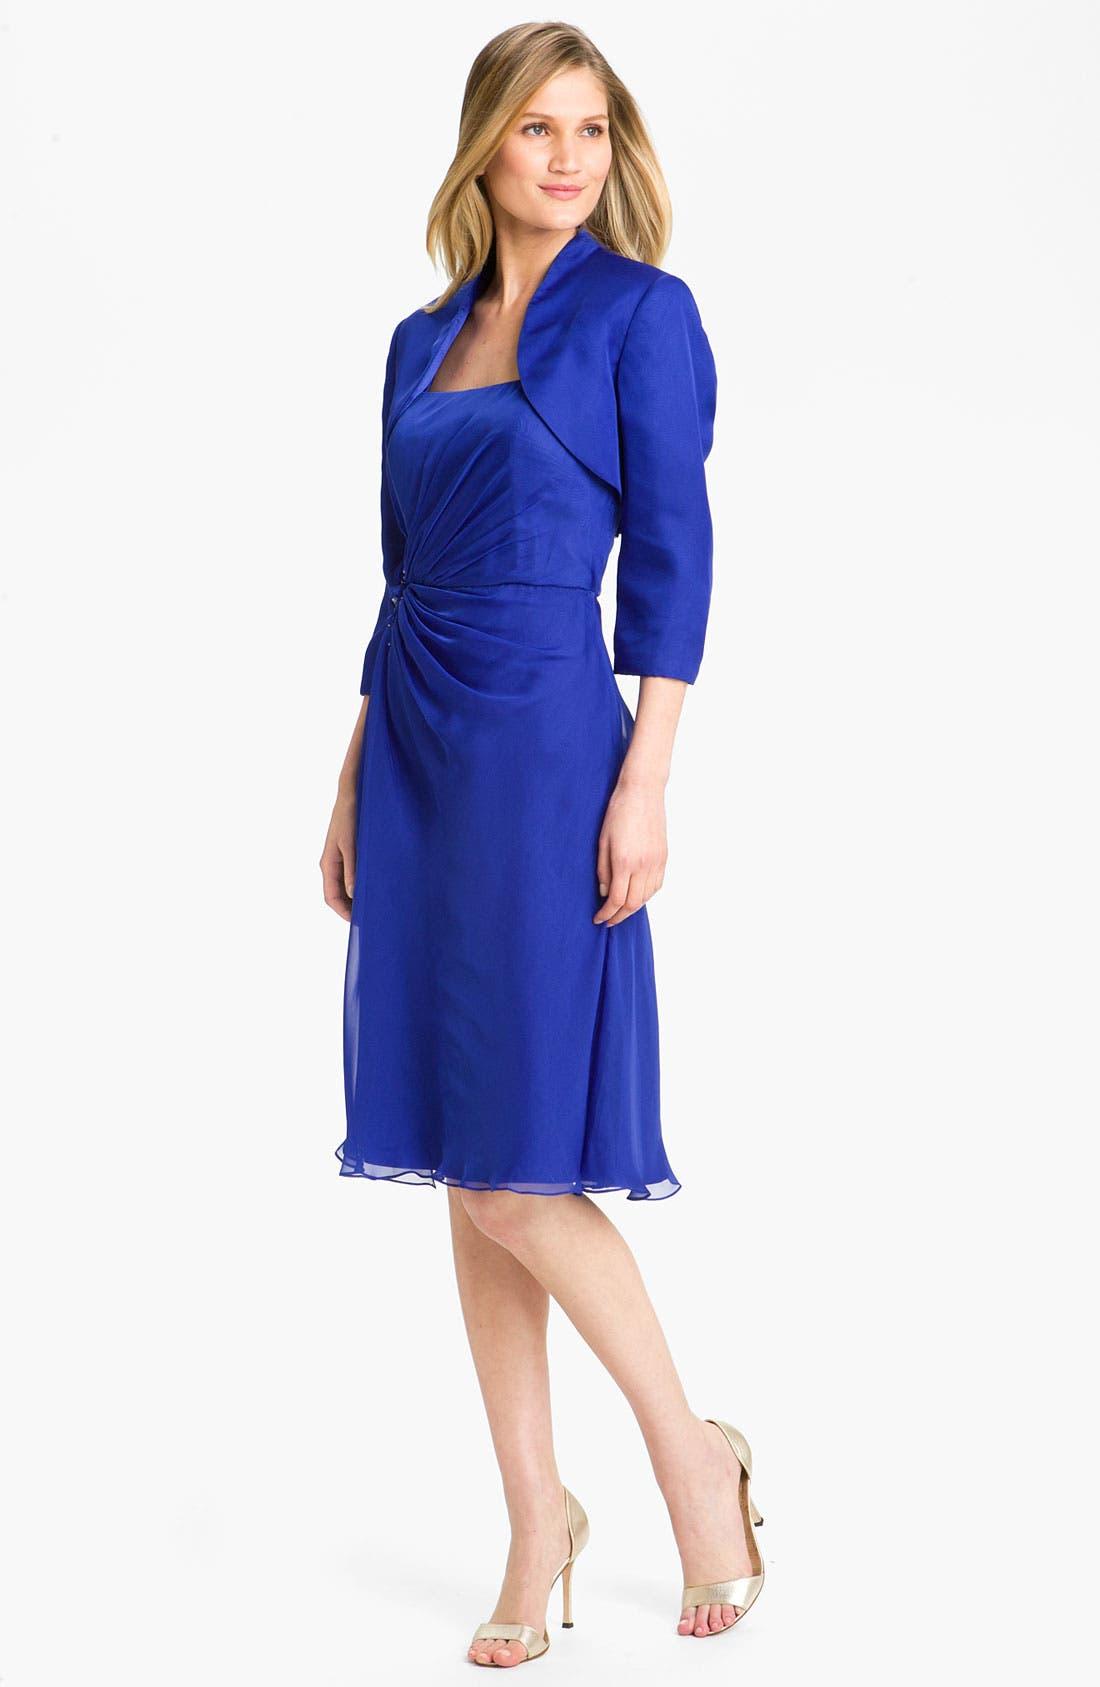 Main Image - Veni Infantino Ruched Chiffon Dress & Bolero